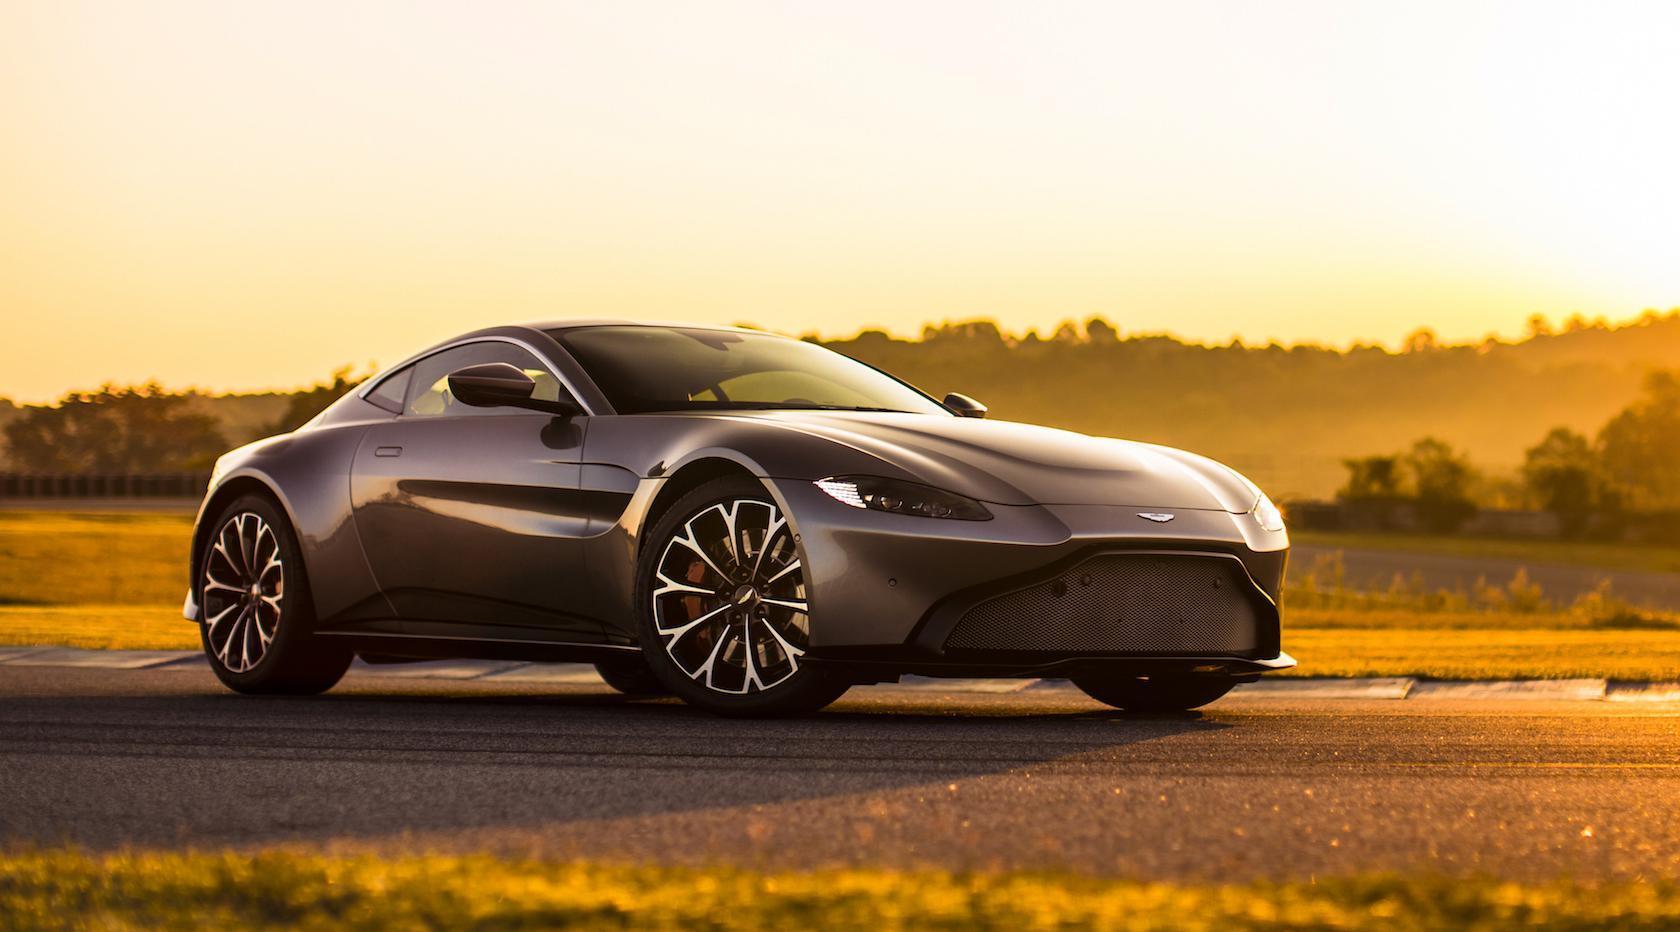 5 Fast Facts About The Stunning 2019 Aston Martin Vantage Slashgear